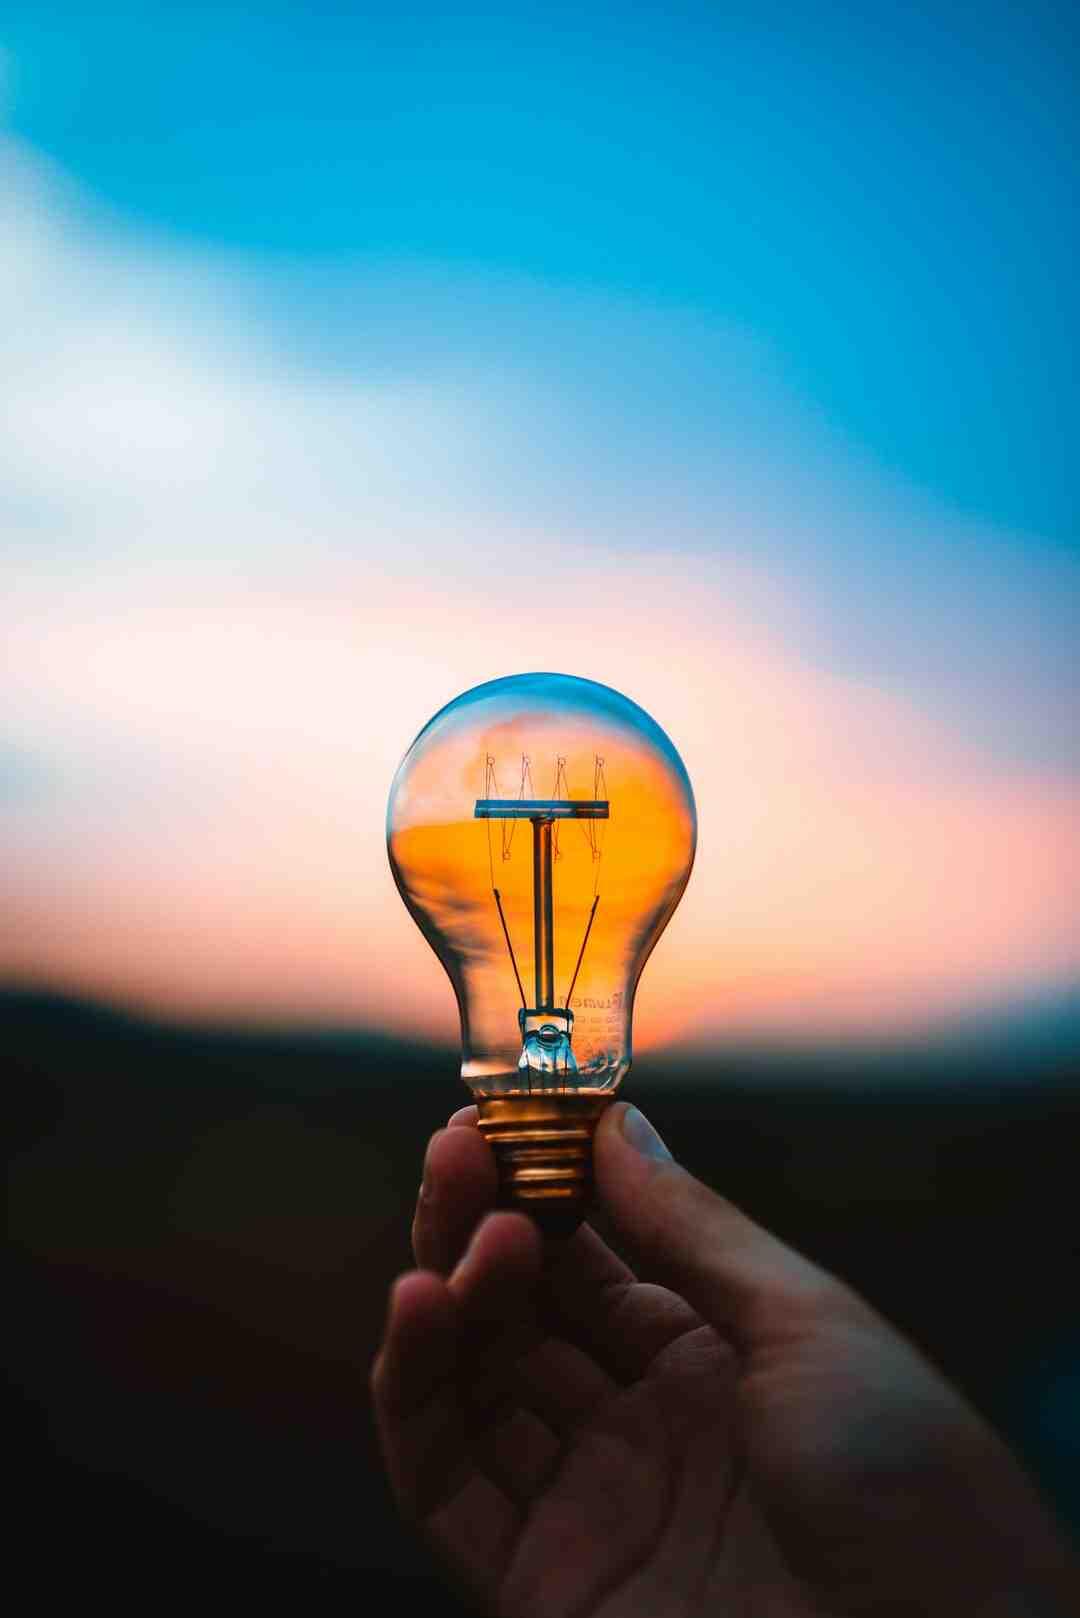 Comment procéder pour changer une lampe grillée à la maison sans danger ?